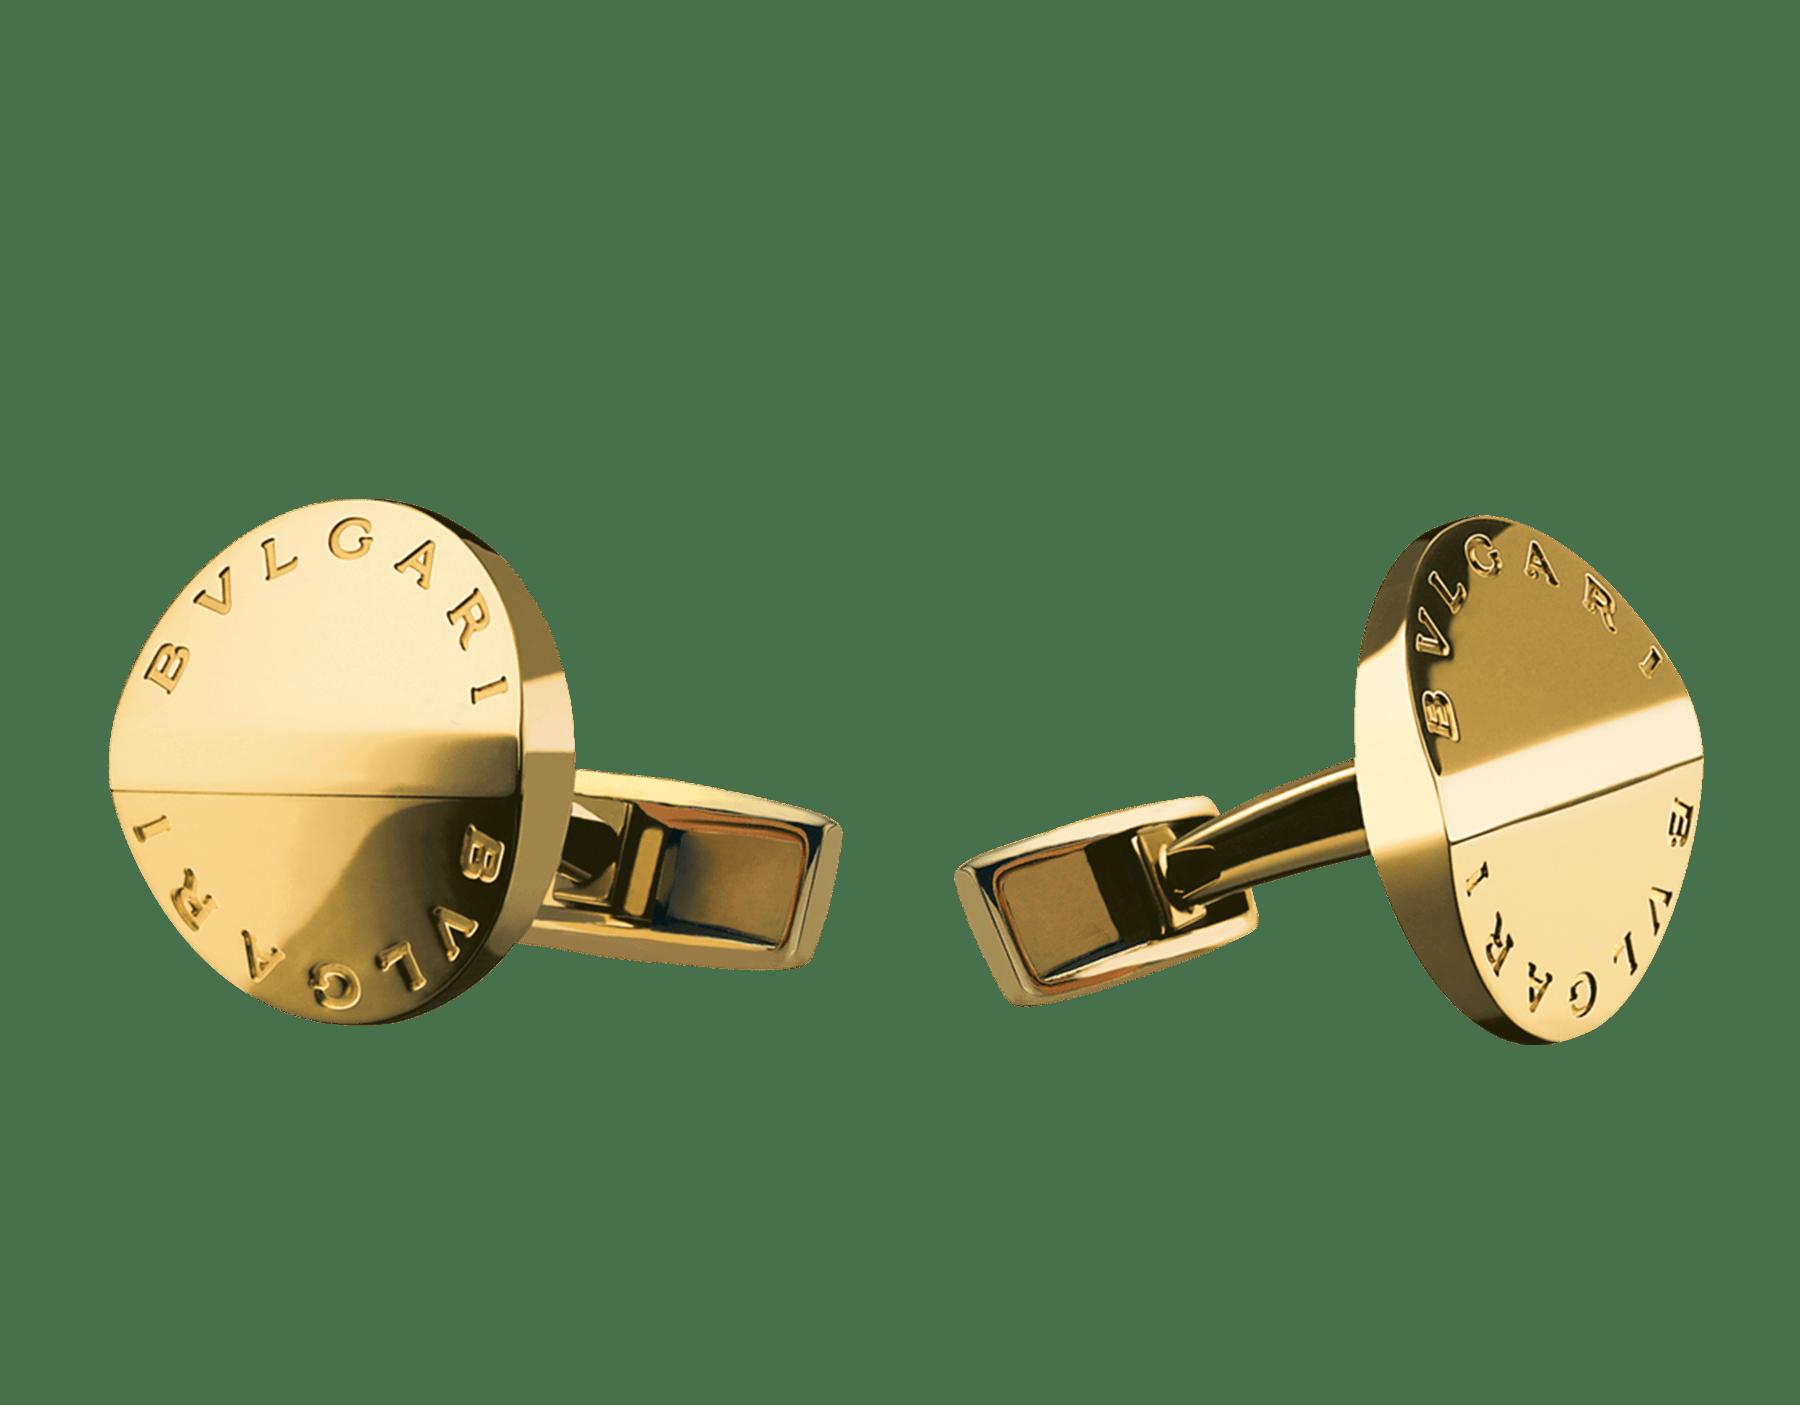 Gemelli BVLGARI BVLGARI in oro giallo 18 kt. 341172 image 1